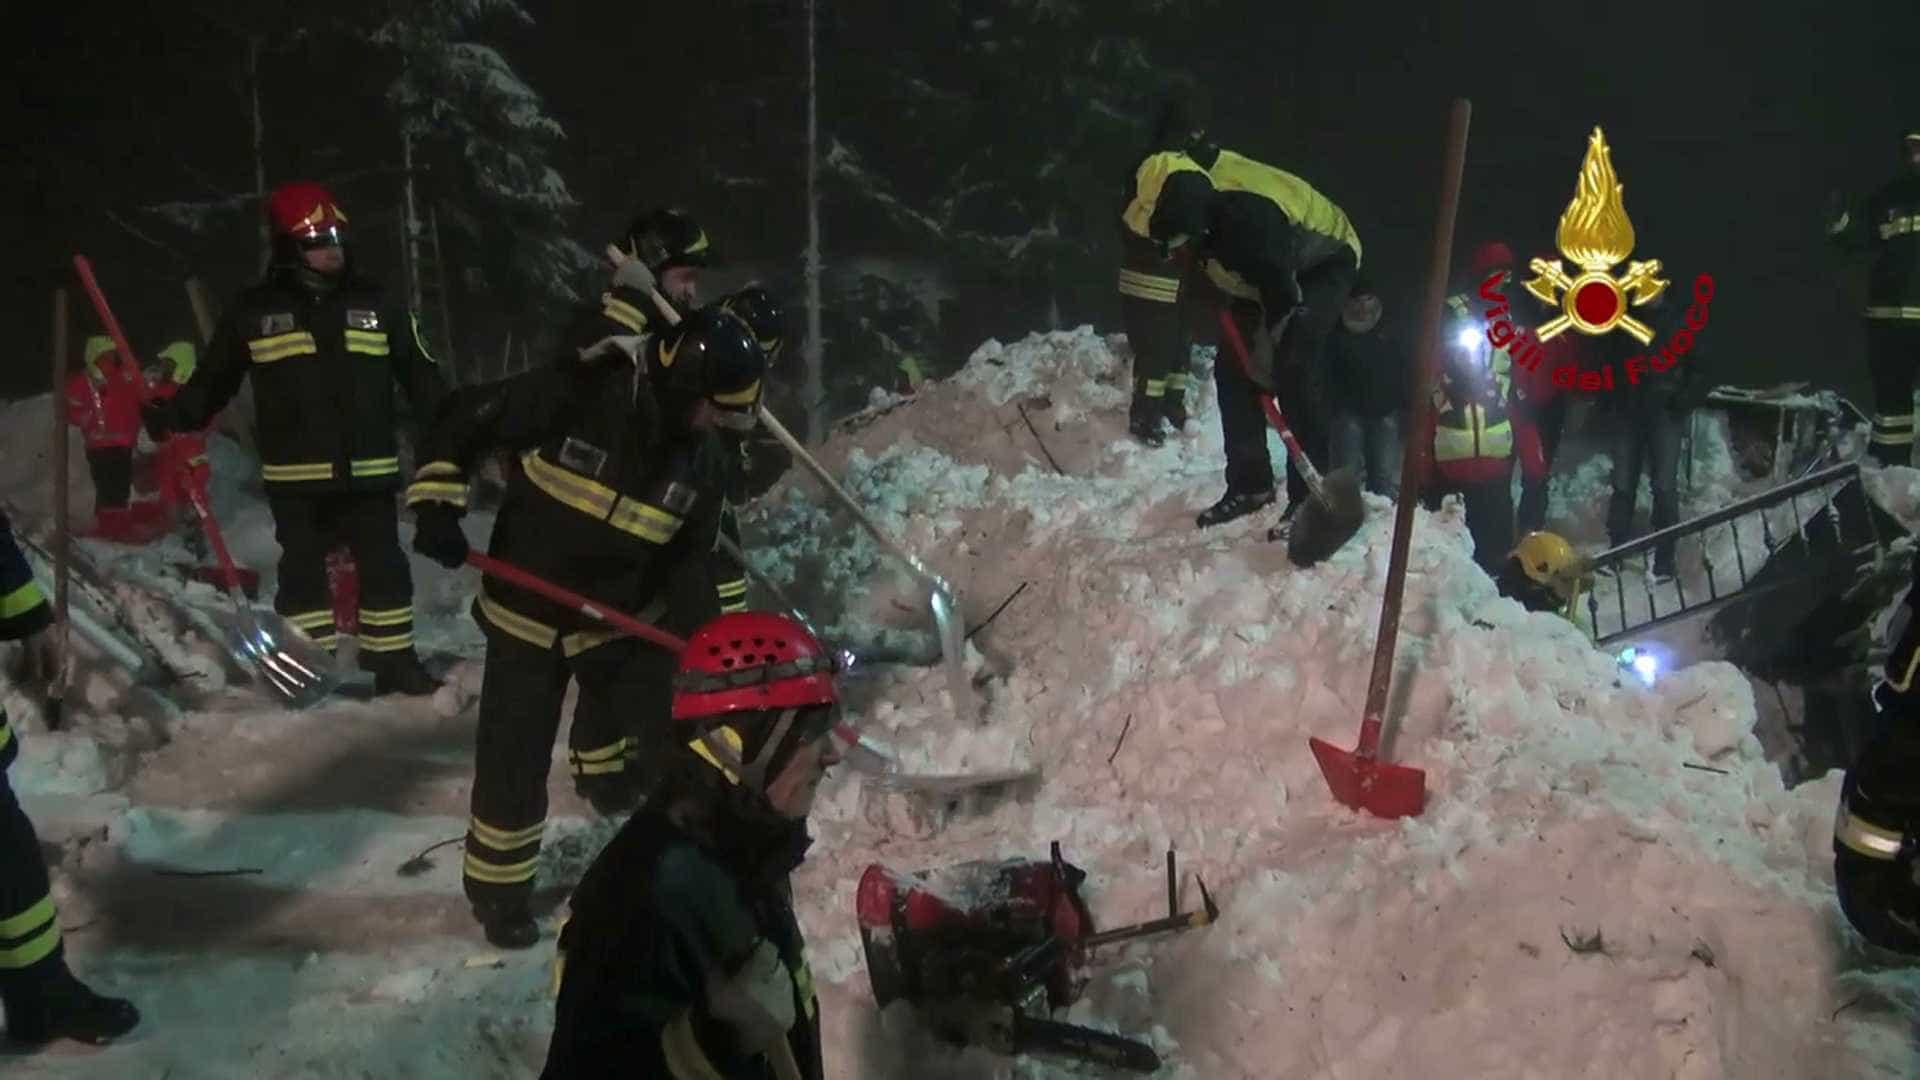 Governador é investigado por avalanche em hotel que deixou 29 mortos